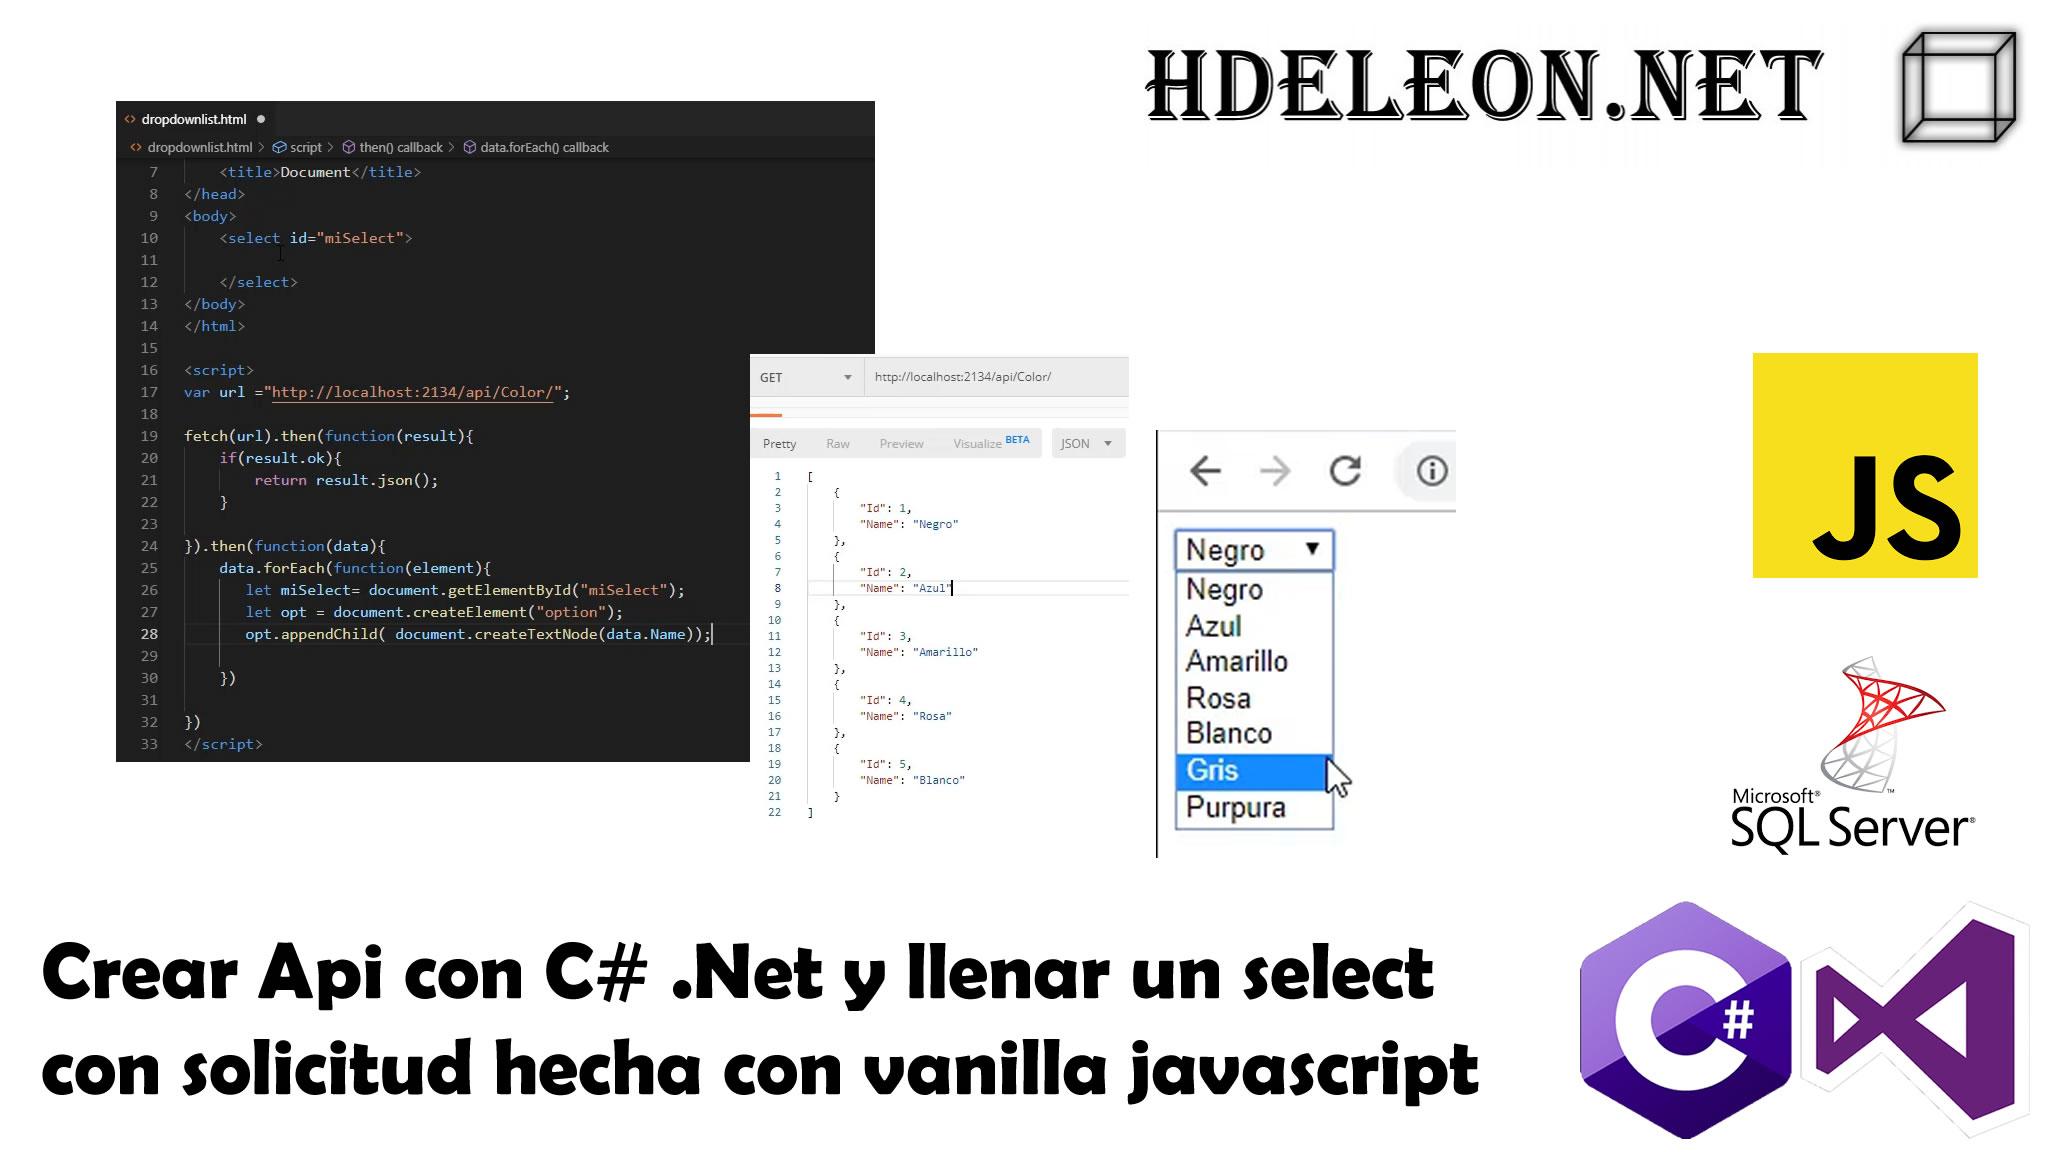 Crear Api con C# .Net y llenar un select con solicitud hecha con vanilla javascript